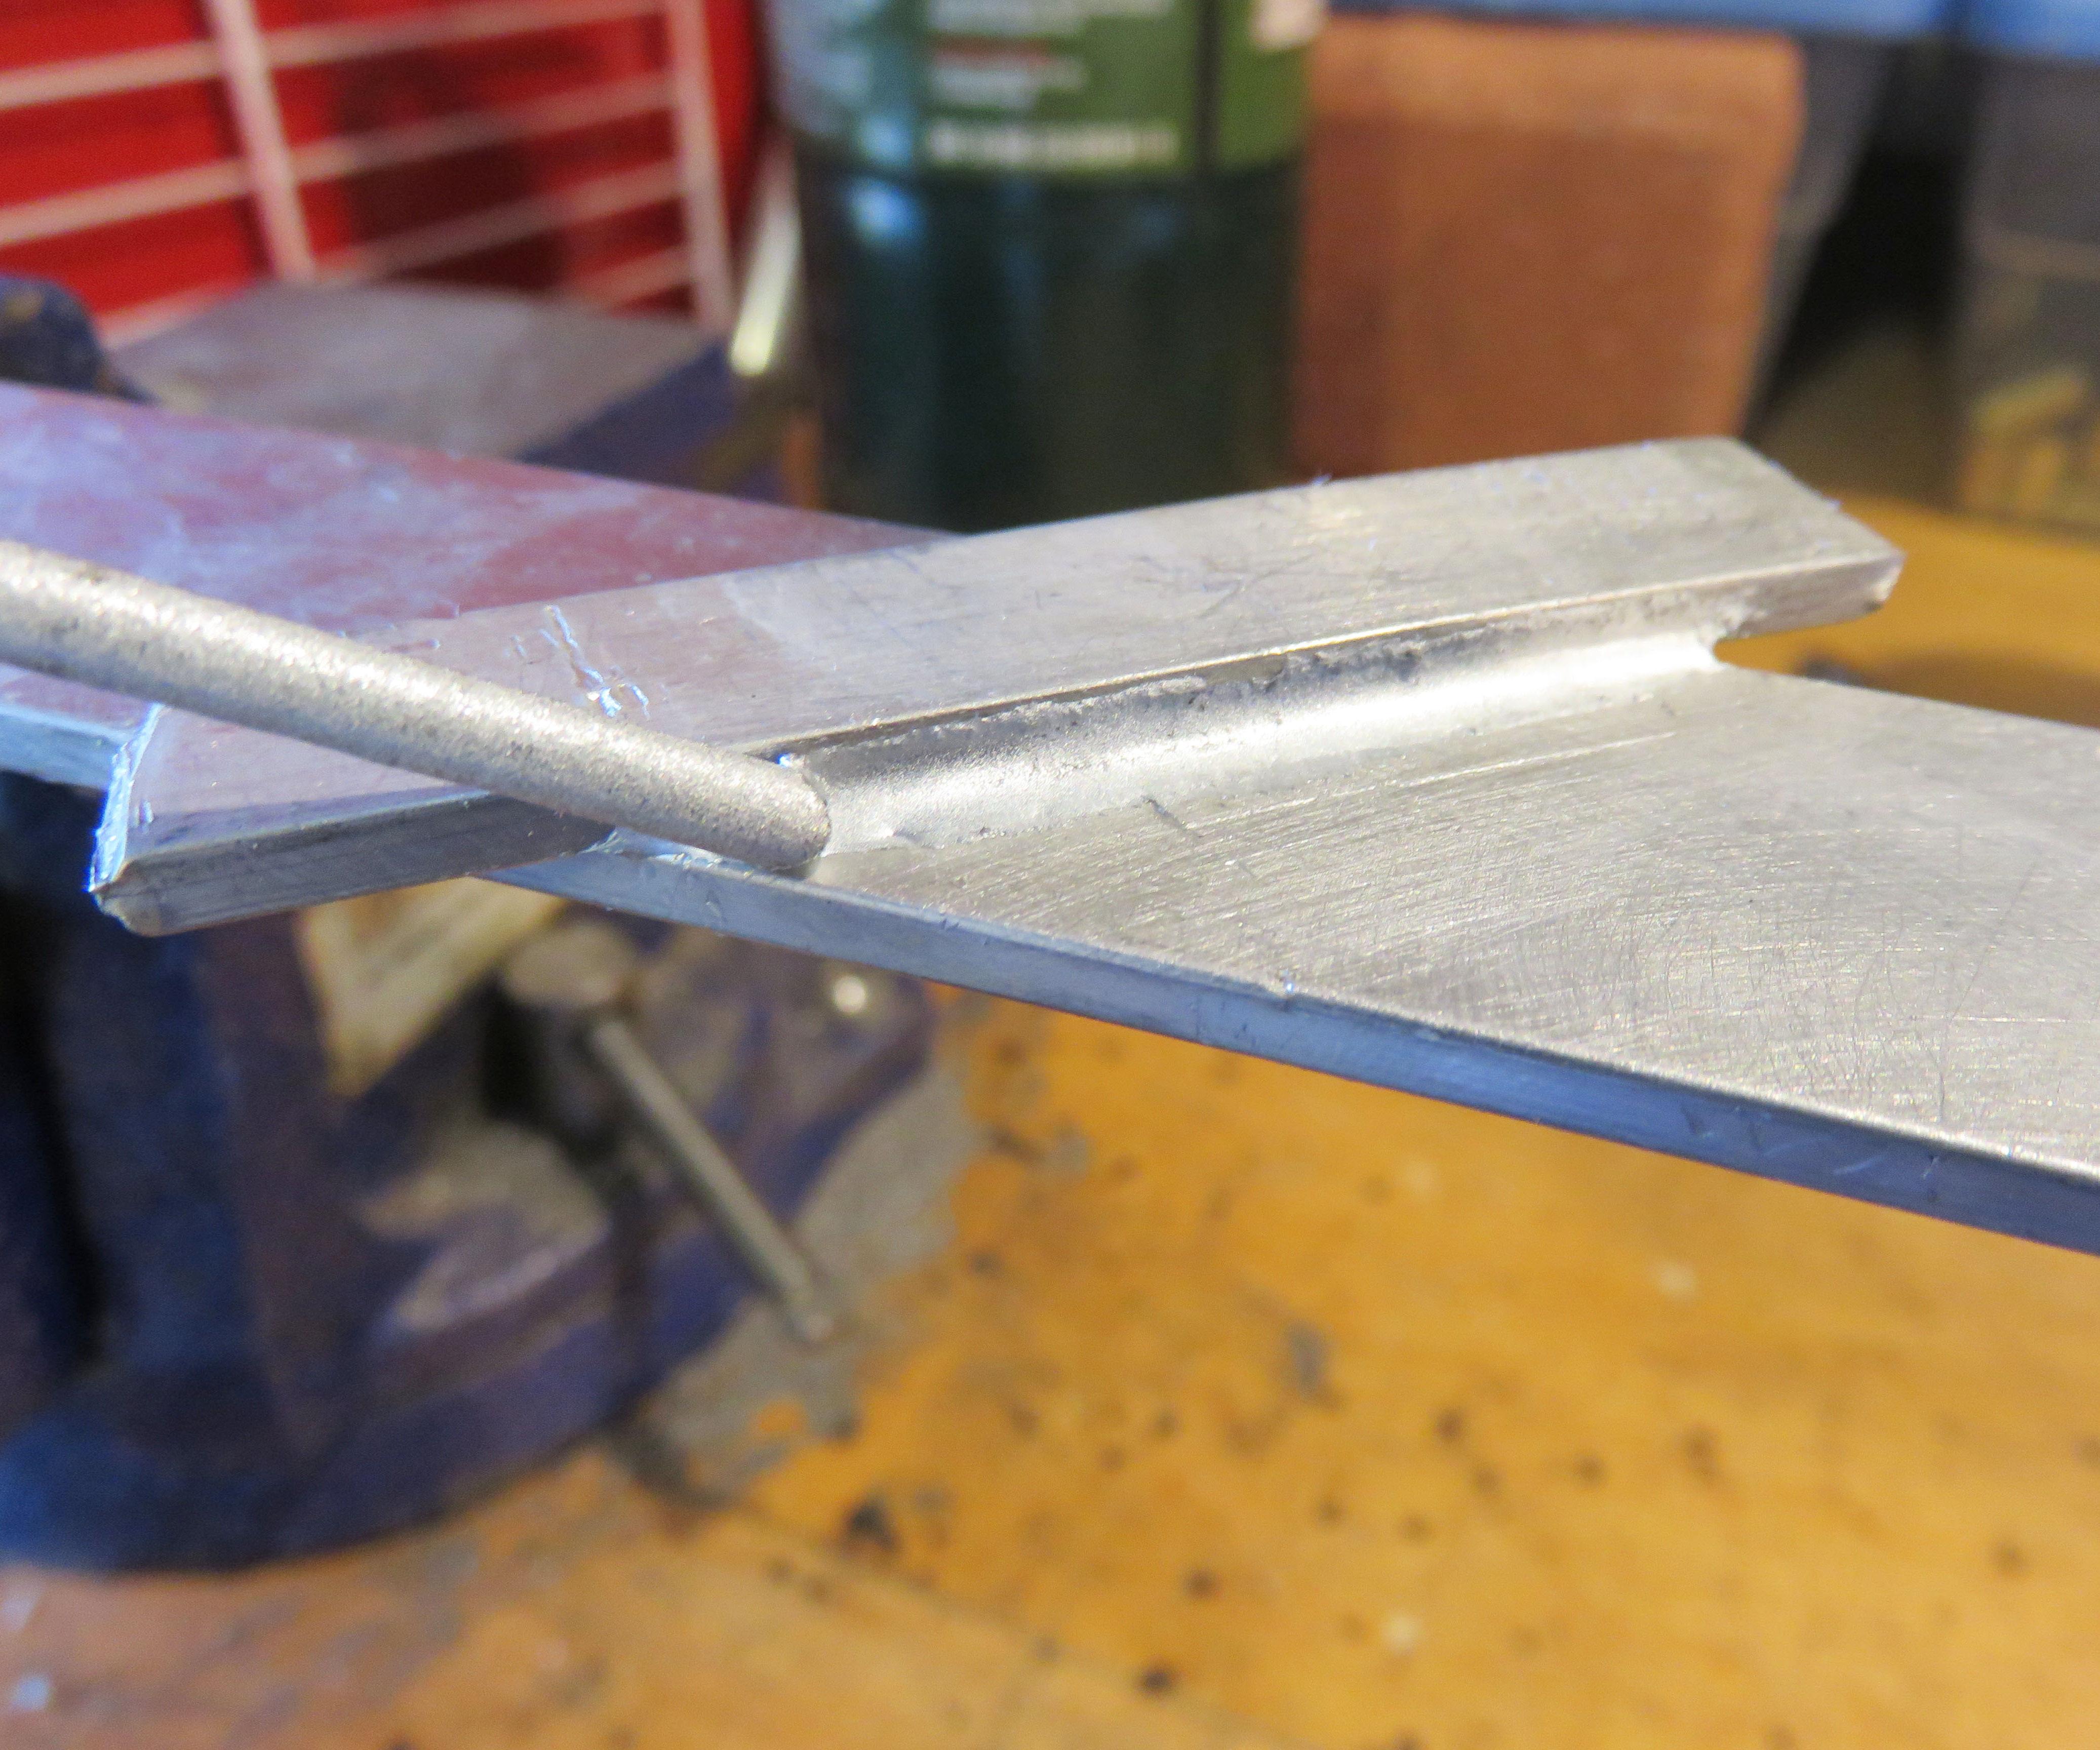 How to solder aluminum 99